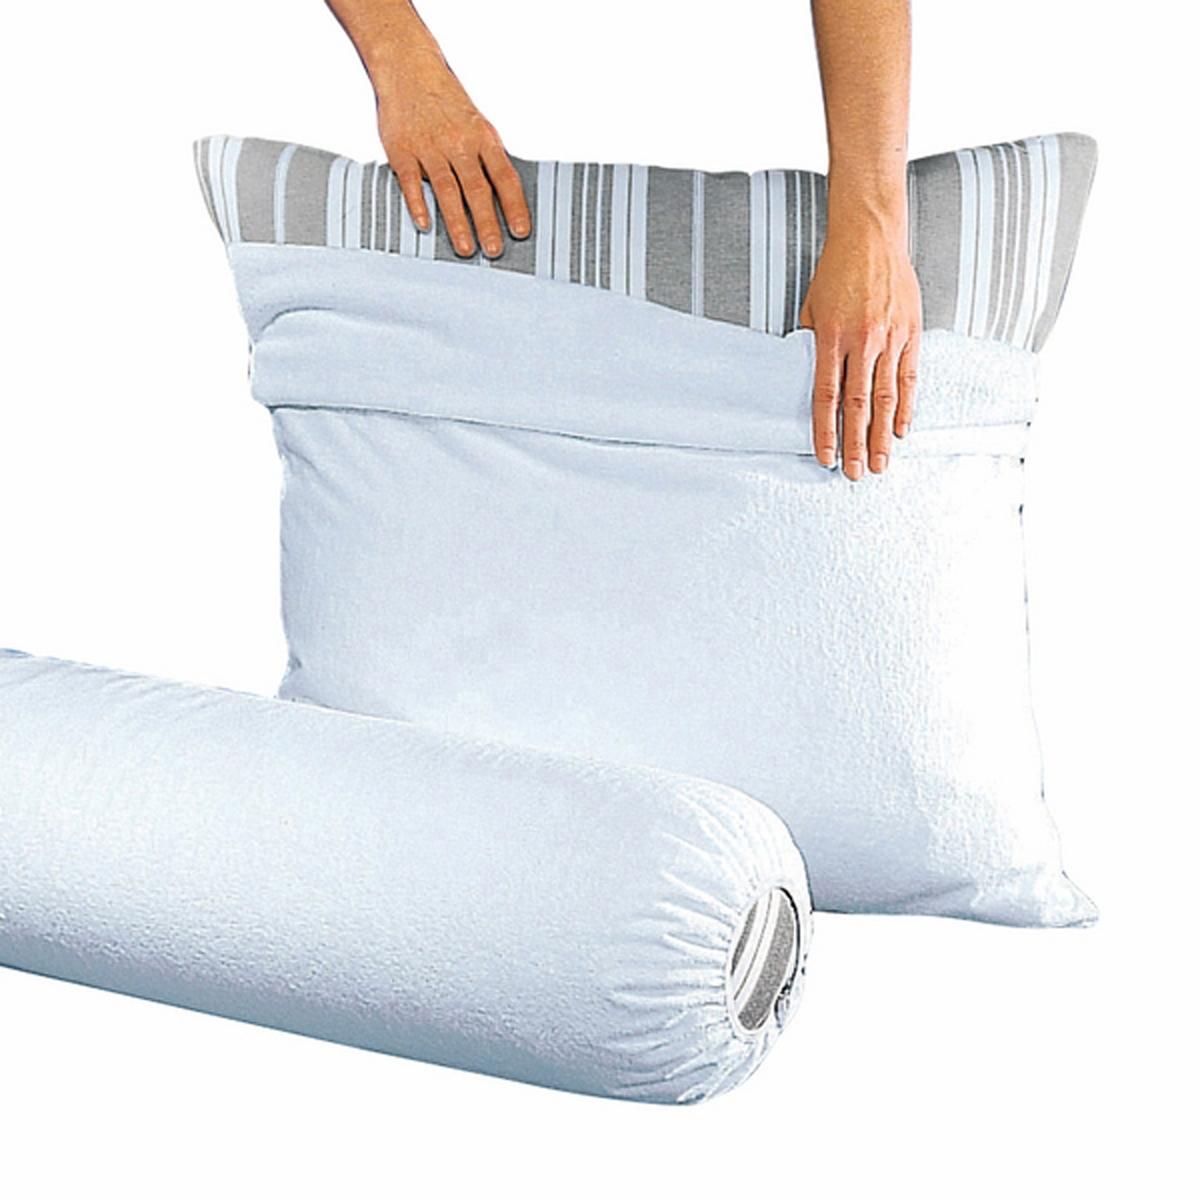 Чехол защитный для подушки, водонепроницаемыйЗащитный чехол из очень мягкой и приятной махровой ткани, поглощает излишнюю влагу тела и остается сухим.Характеристики Эластичный чехол для подушки-валика из махровой ткани с полиуретановой пропиткой (250 г/м?) и обработкой против клещей, водонепроницаемый, пропускает воздух и позволяет Вашей коже дышать   :.Биоцидная обработка  .100% экологически чистый материал.Материал: 80% хлопка, 20% полиэстера, плотность 400 г/м?.Машинная стирка при 60 °С.<br><br>Цвет: белый